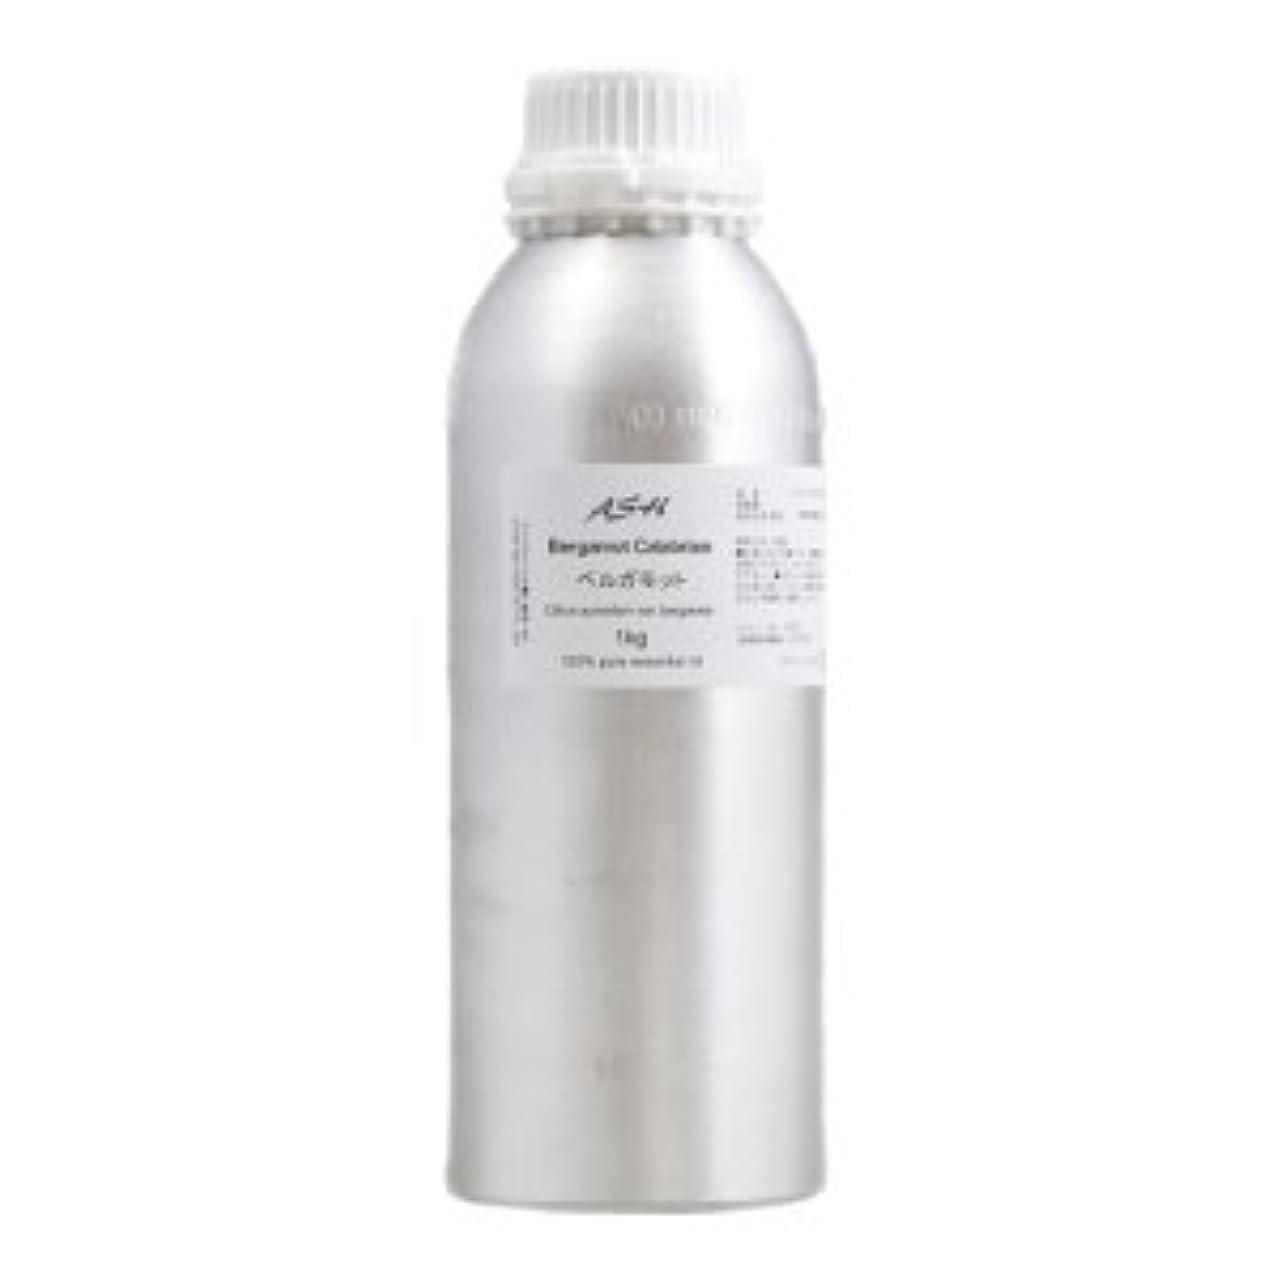 販売計画アスリート一般的なASH ベルガモット エッセンシャルオイル 業務用1kg AEAJ表示基準適合認定精油